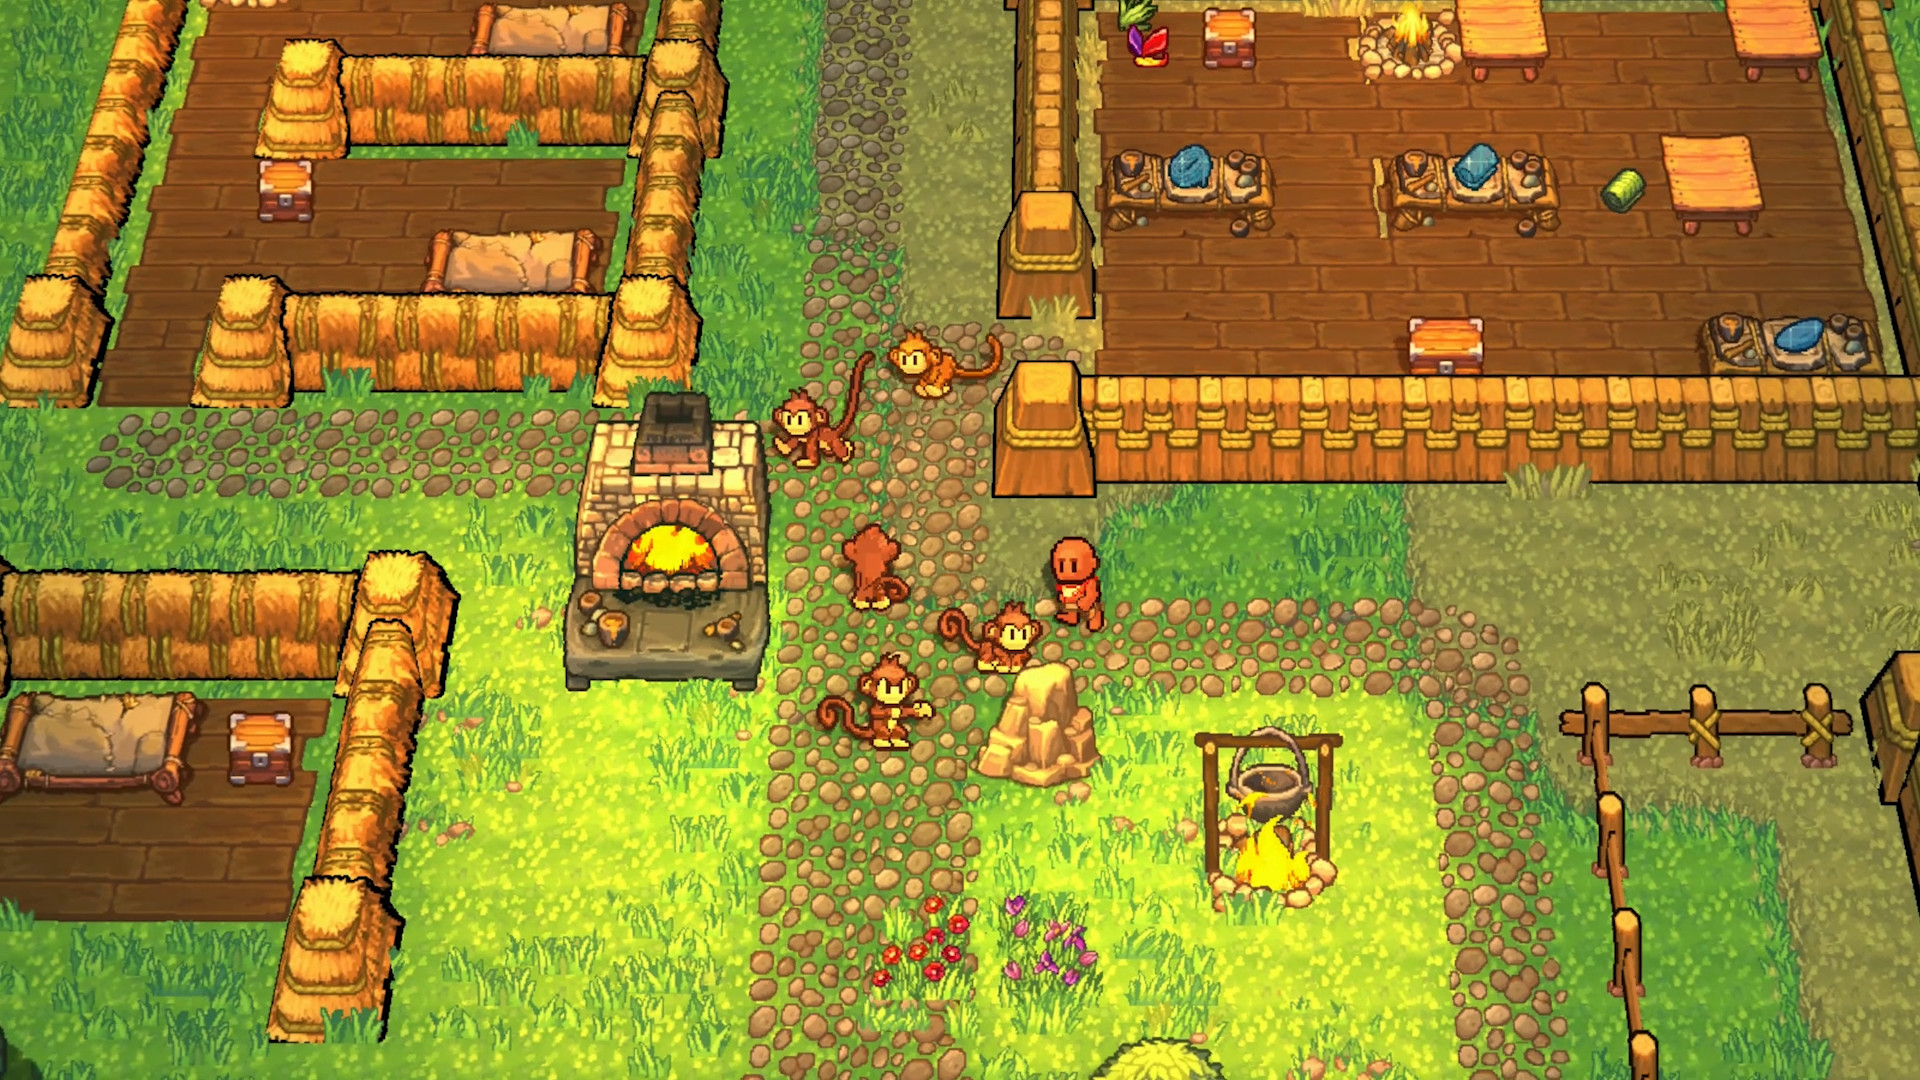 Steam《岛屿生存者》开启预购 可得免费DLC